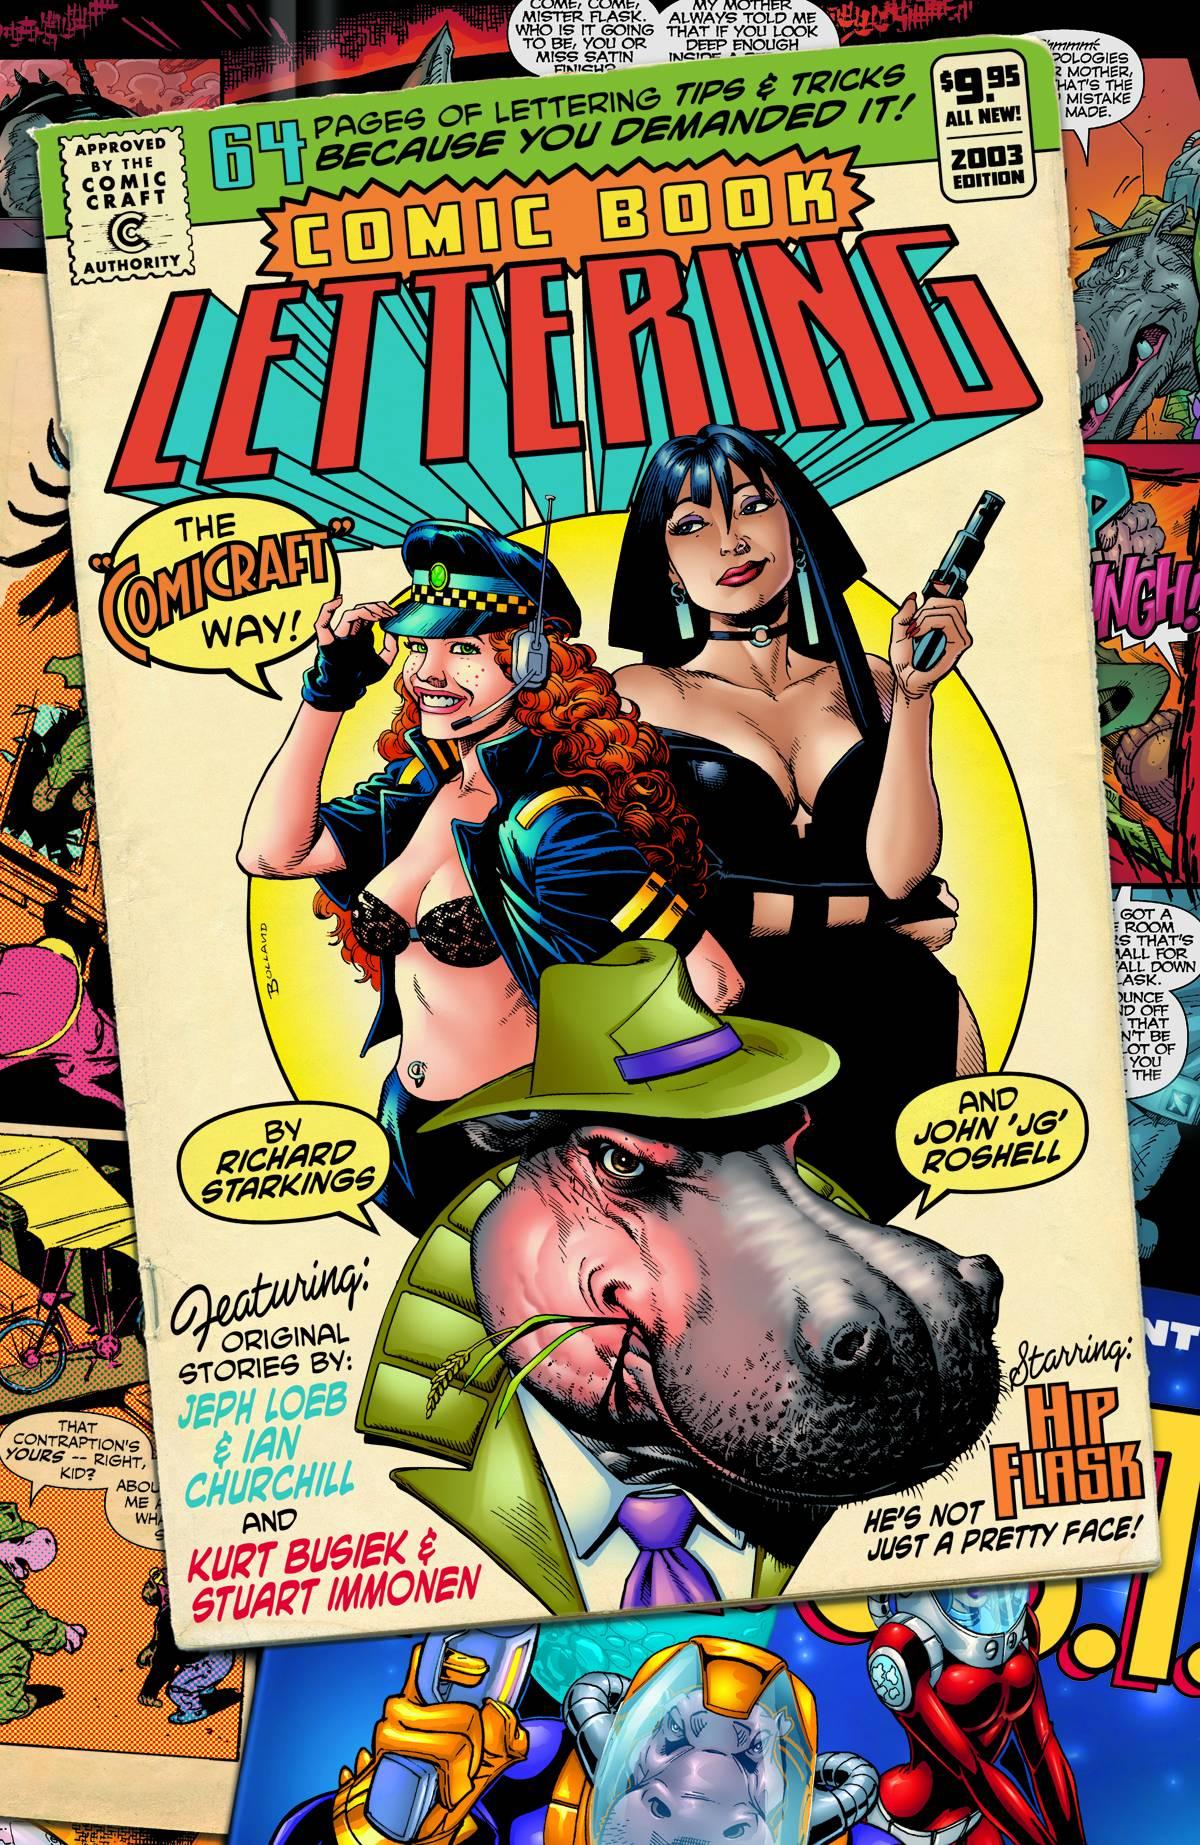 Comic Book Lettering by Richard Starkings and John Roshell